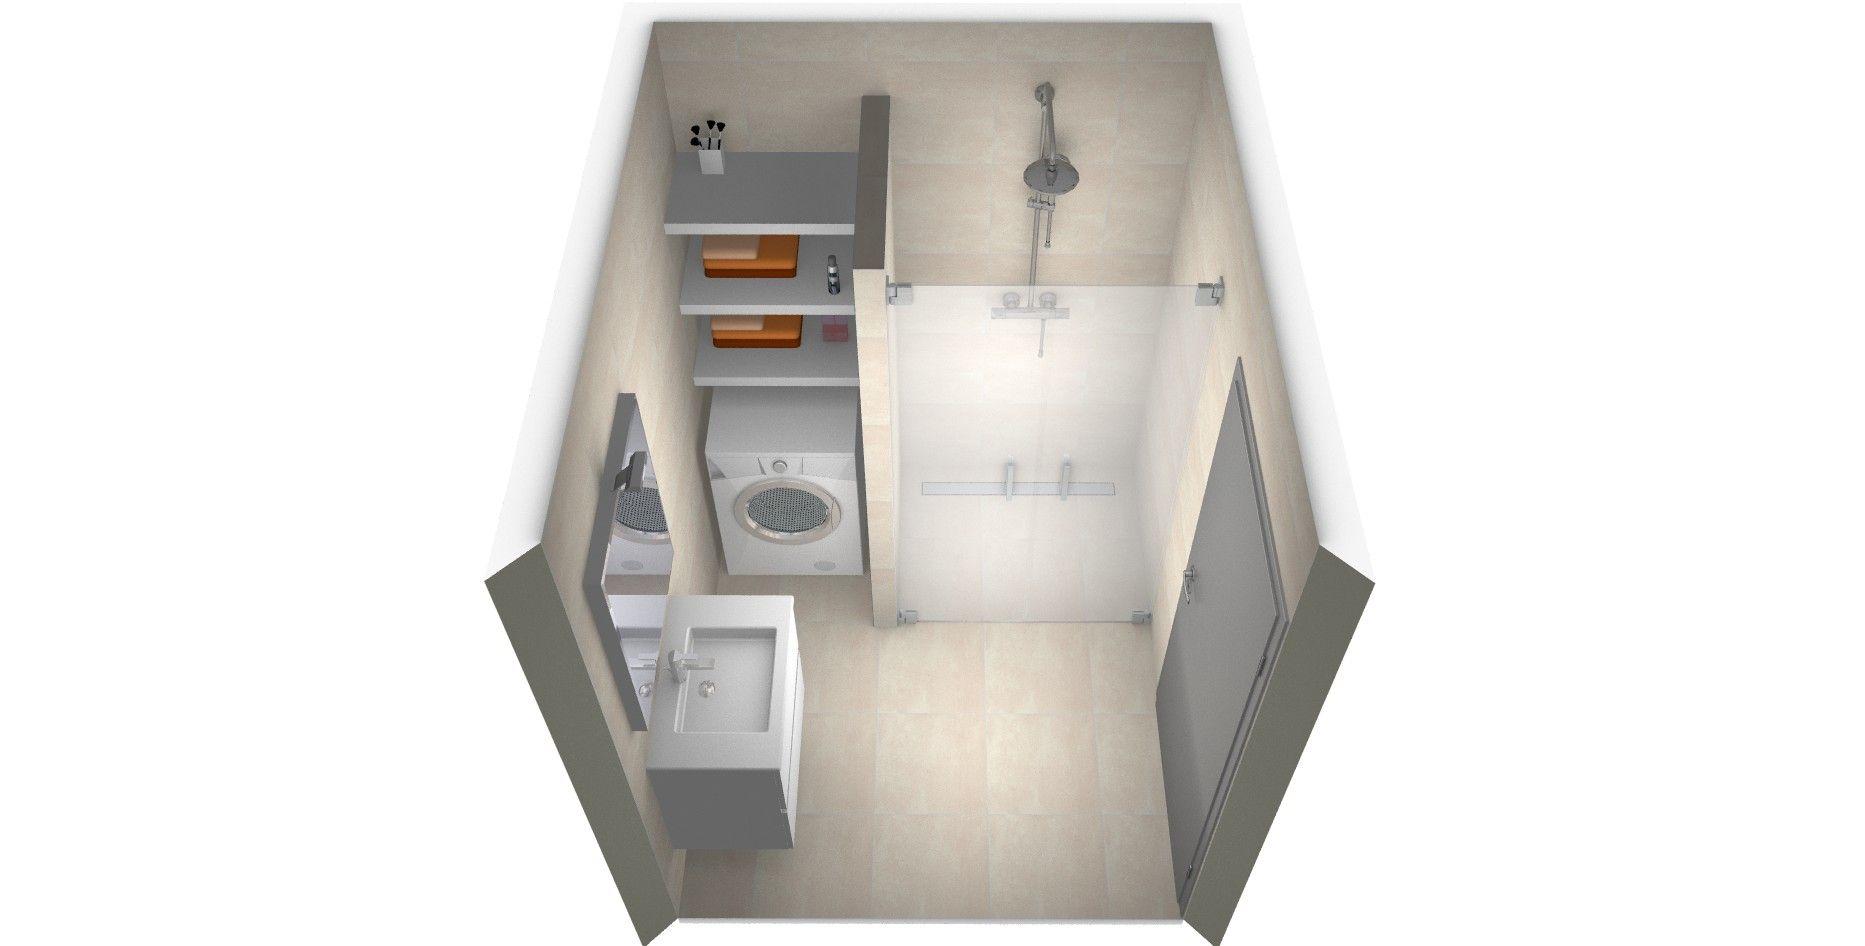 Voorbeelden van een kleine badkamer met wasmachine bathrooms